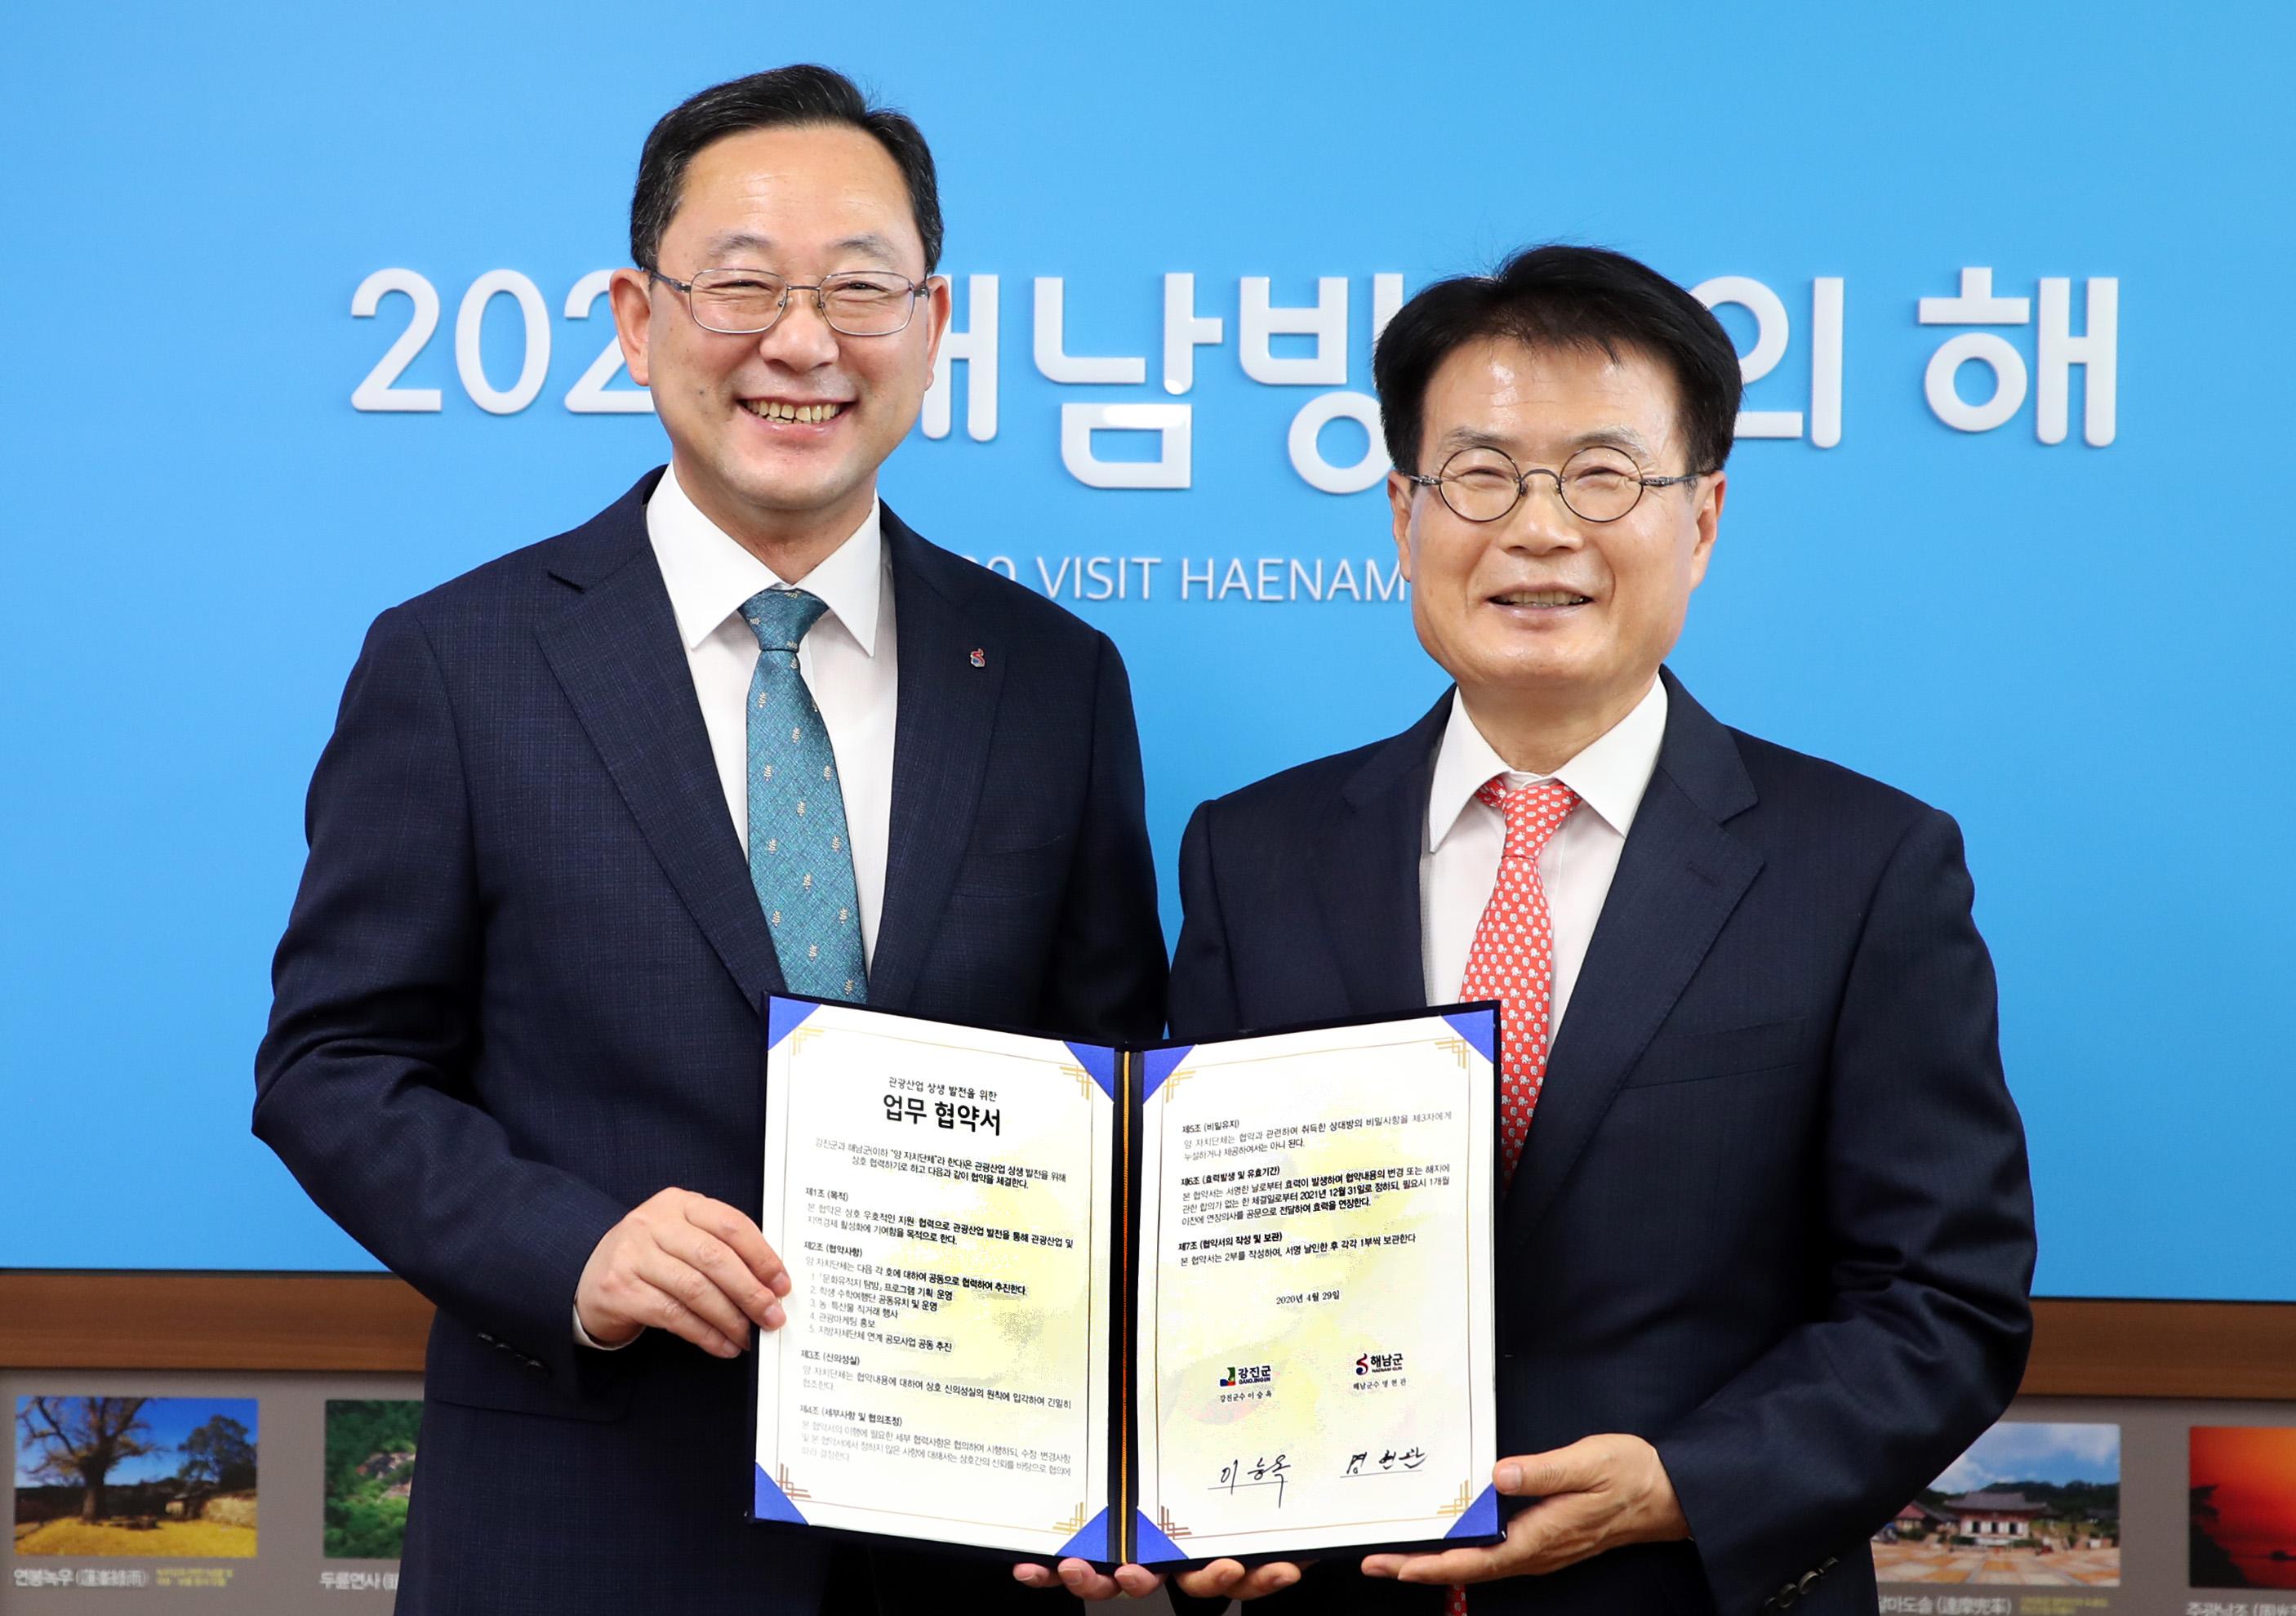 강진군-해남군 '맞손' 지역수요맞춤지원 공모사업 선정!